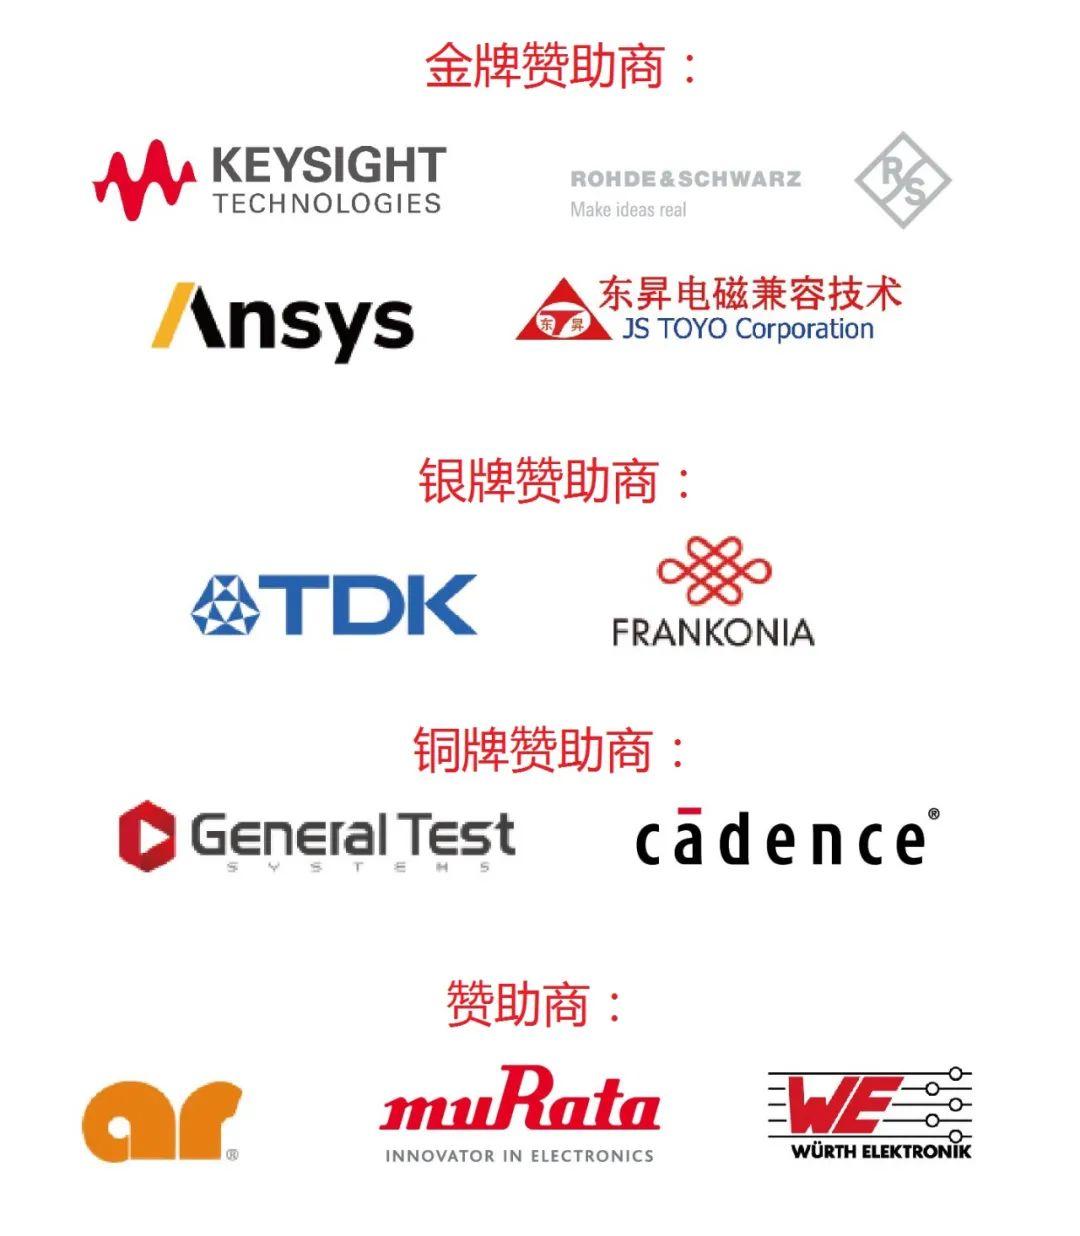 乐鱼电竞_2021华南EMC/China电磁兼容会5G天线与射频微波会2021年8月28-29日开启